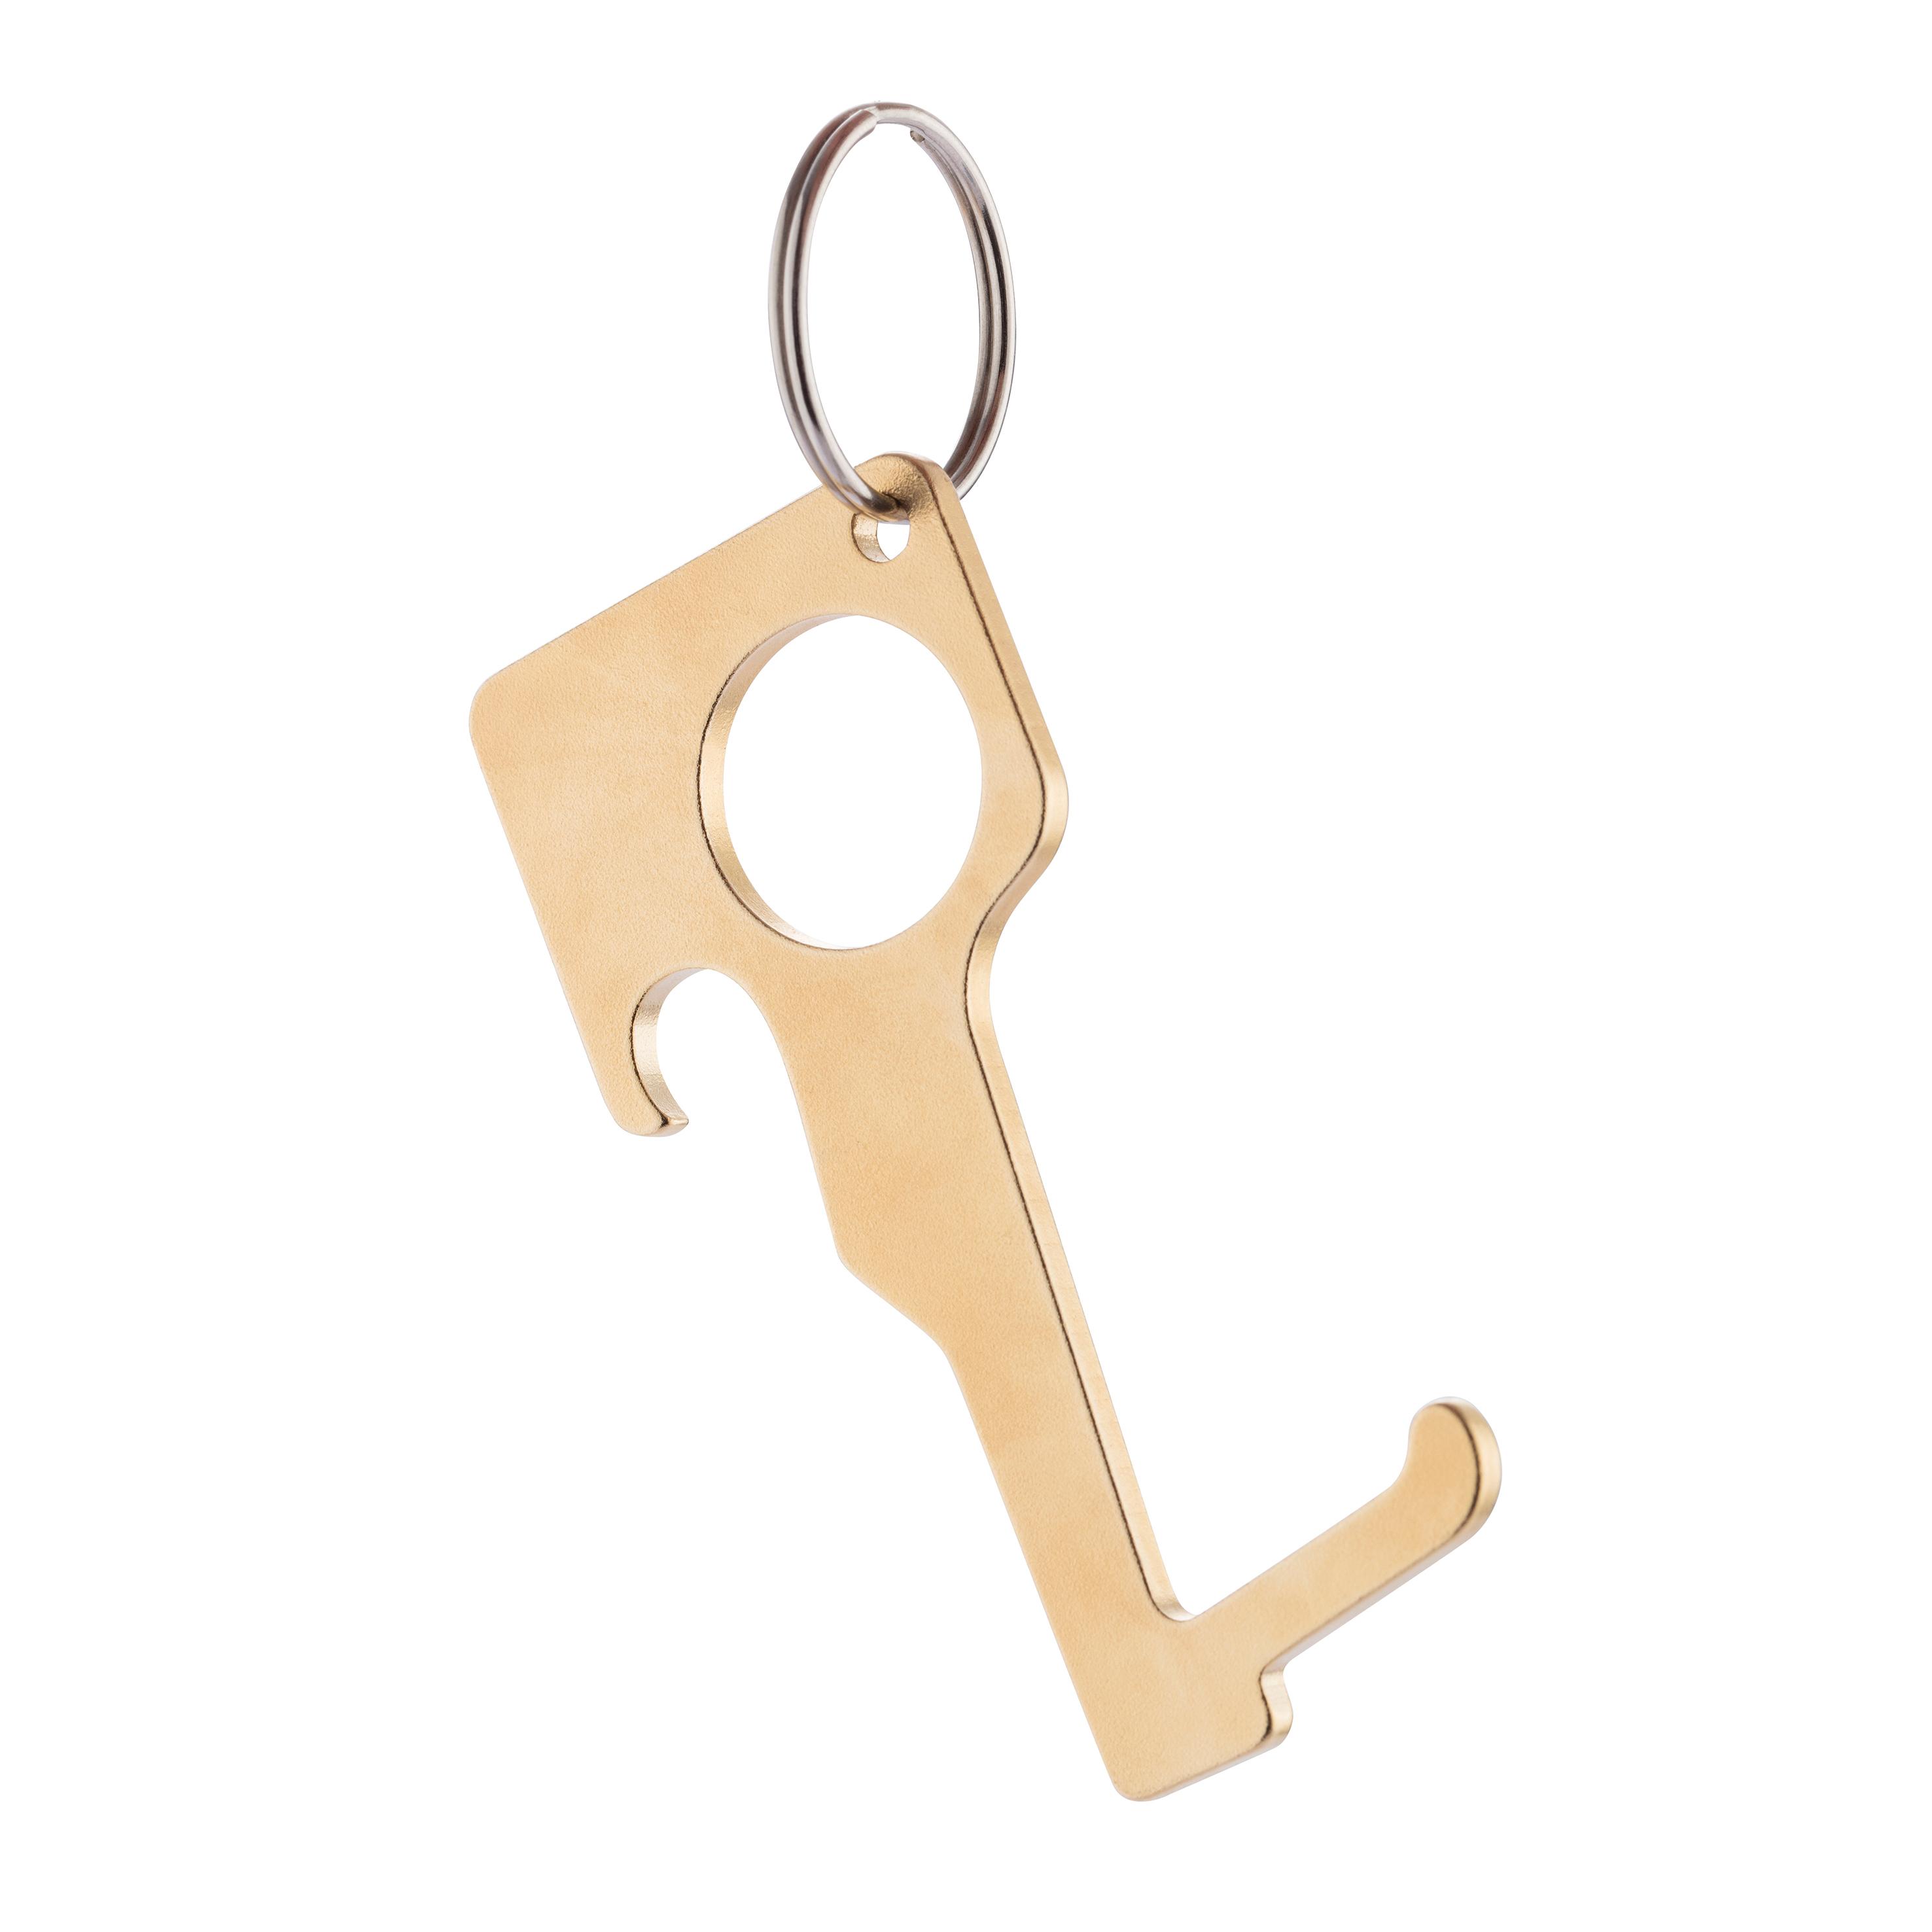 Porte-clés en laiton hygiénique à contact zéro